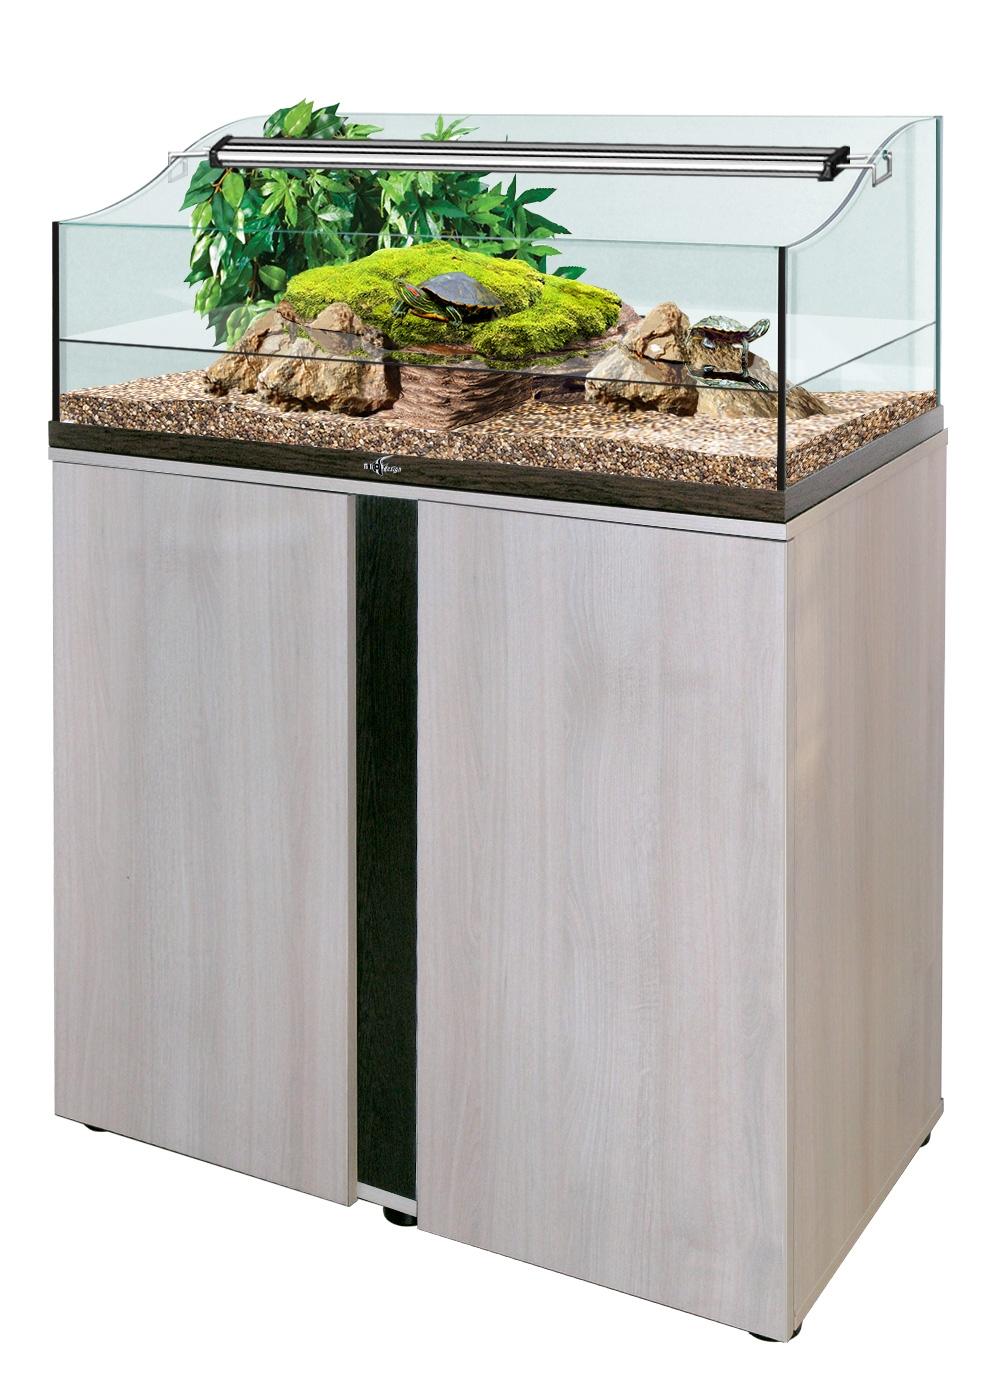 Тумба Биодизайн Turt-House Aqua 85 - 2